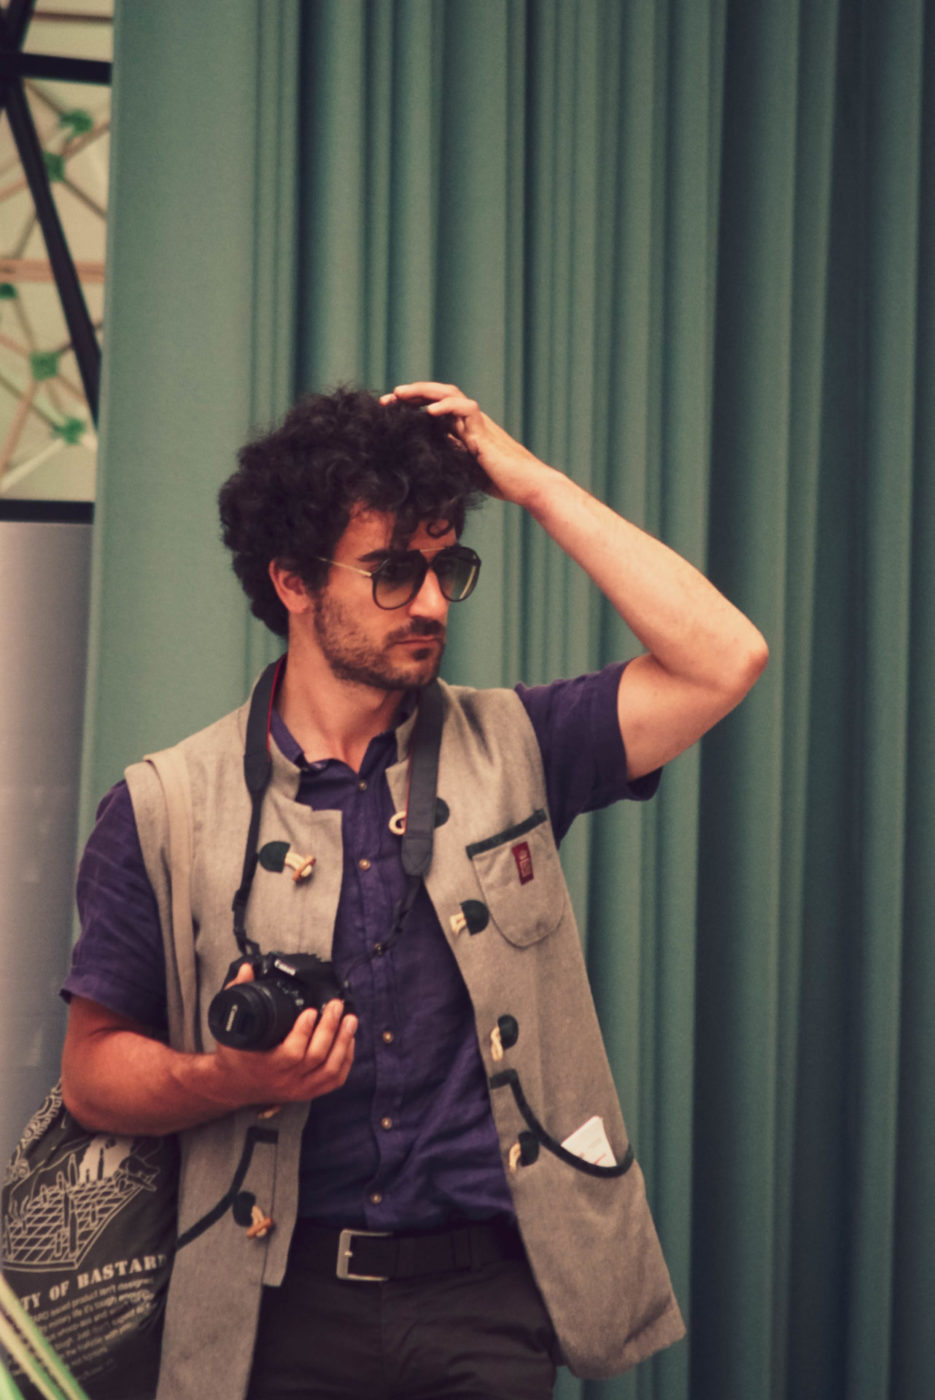 Ein Mann mit lila Hemd und beiger bayrischer Weste. Er hält eine Kamera in derr einen Hand und fährt sich mit der anderen Hand durch sein kurzes lockiges Haar